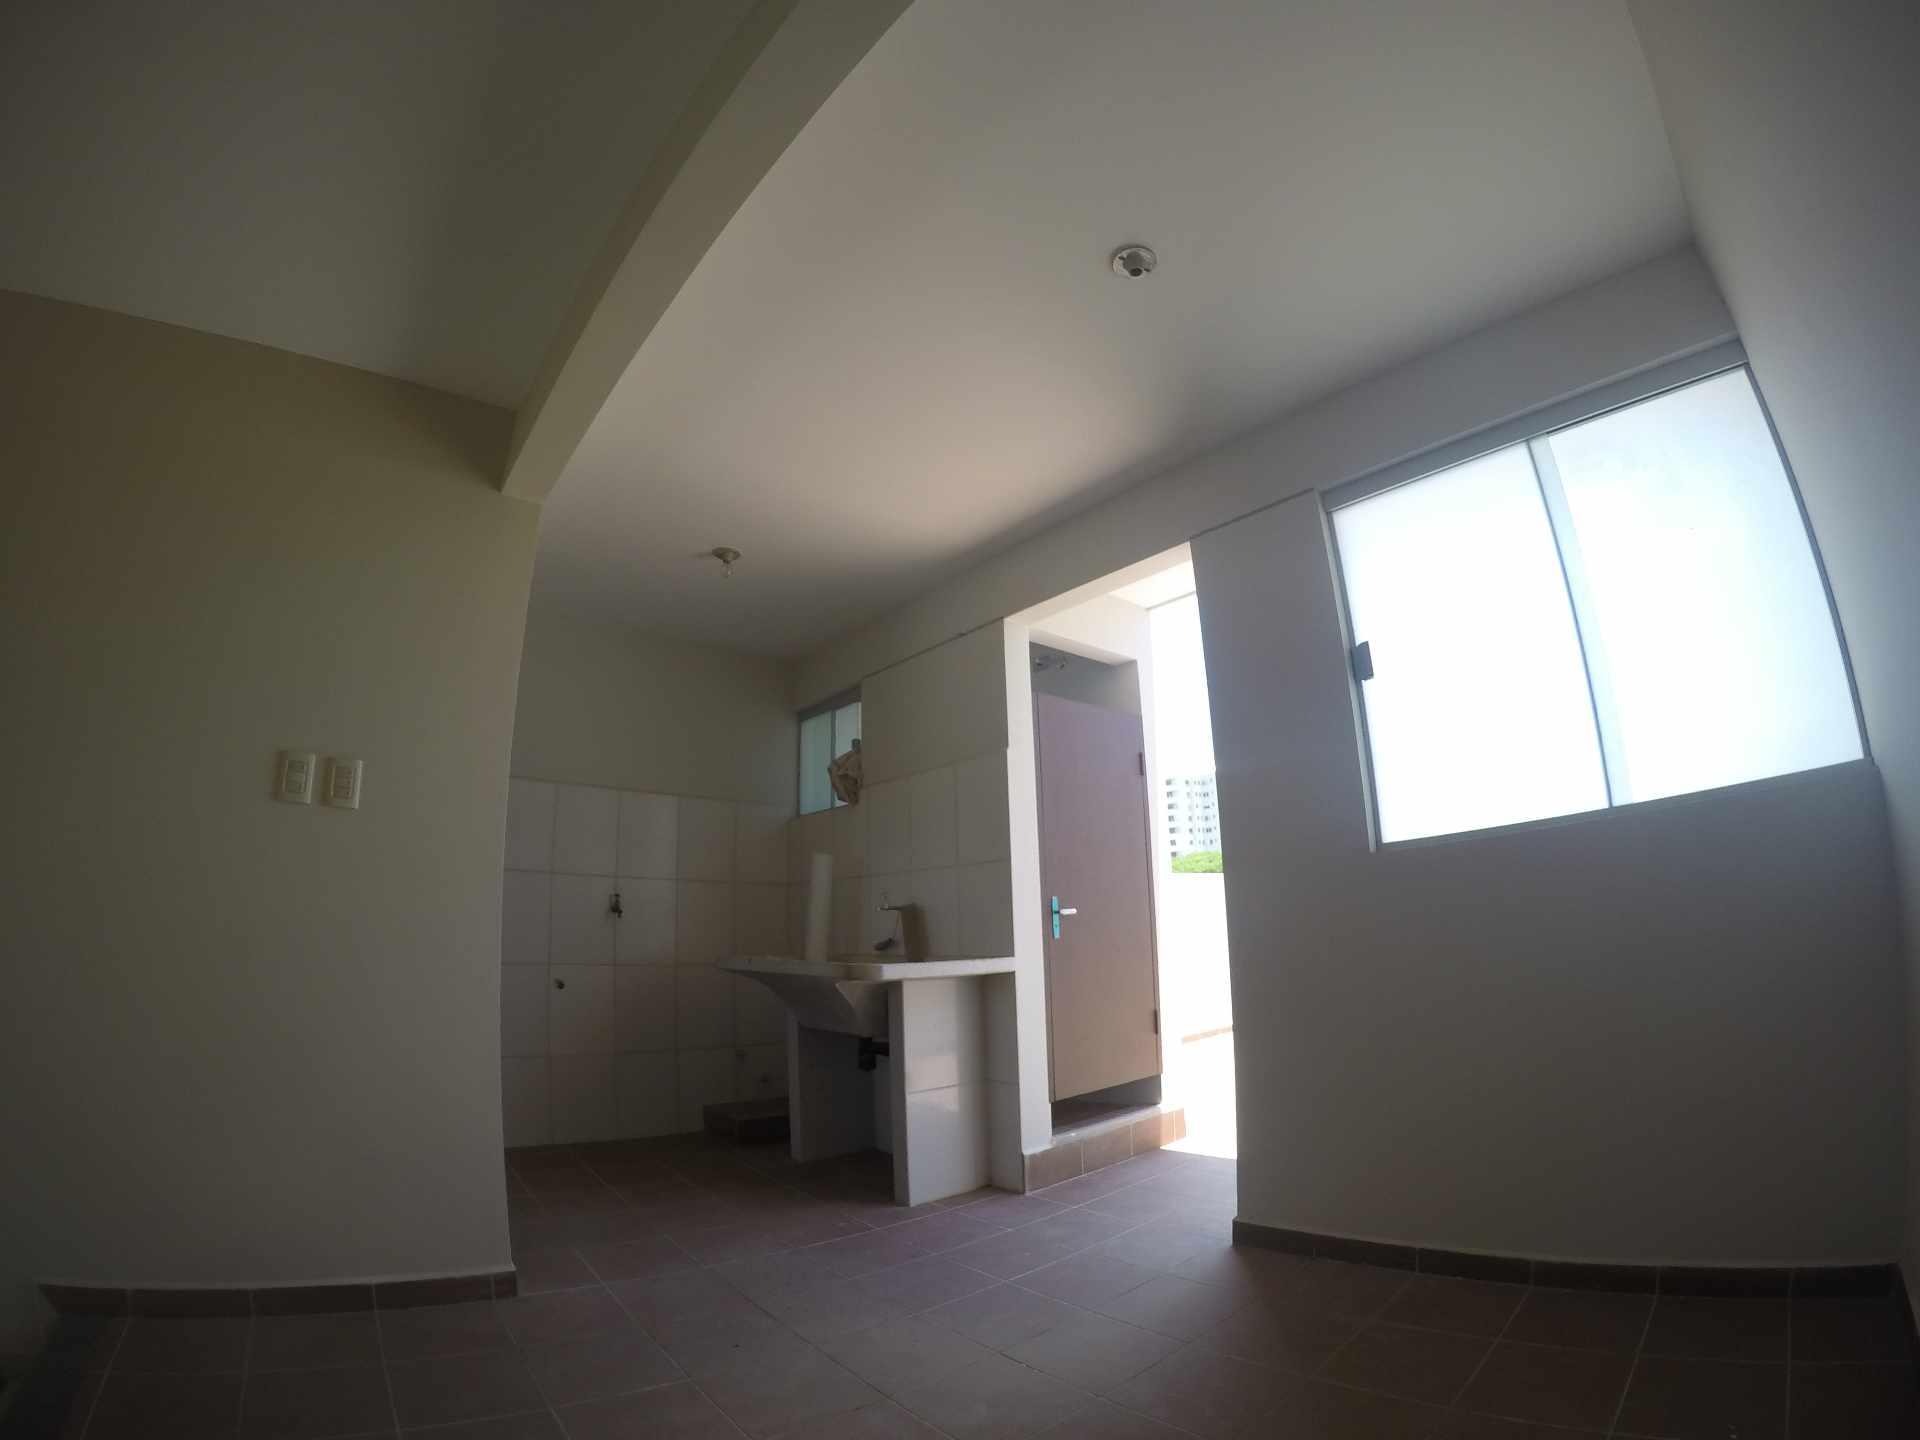 Casa en Alquiler Casa independiente en alquiler a estrenar, próximo a Parque Los Mangales II [Av. Beni y 4to. Anillo], De 3 plantas, 3 dormitorios (2 en suite), con dependencias. [1000$us.] Foto 3